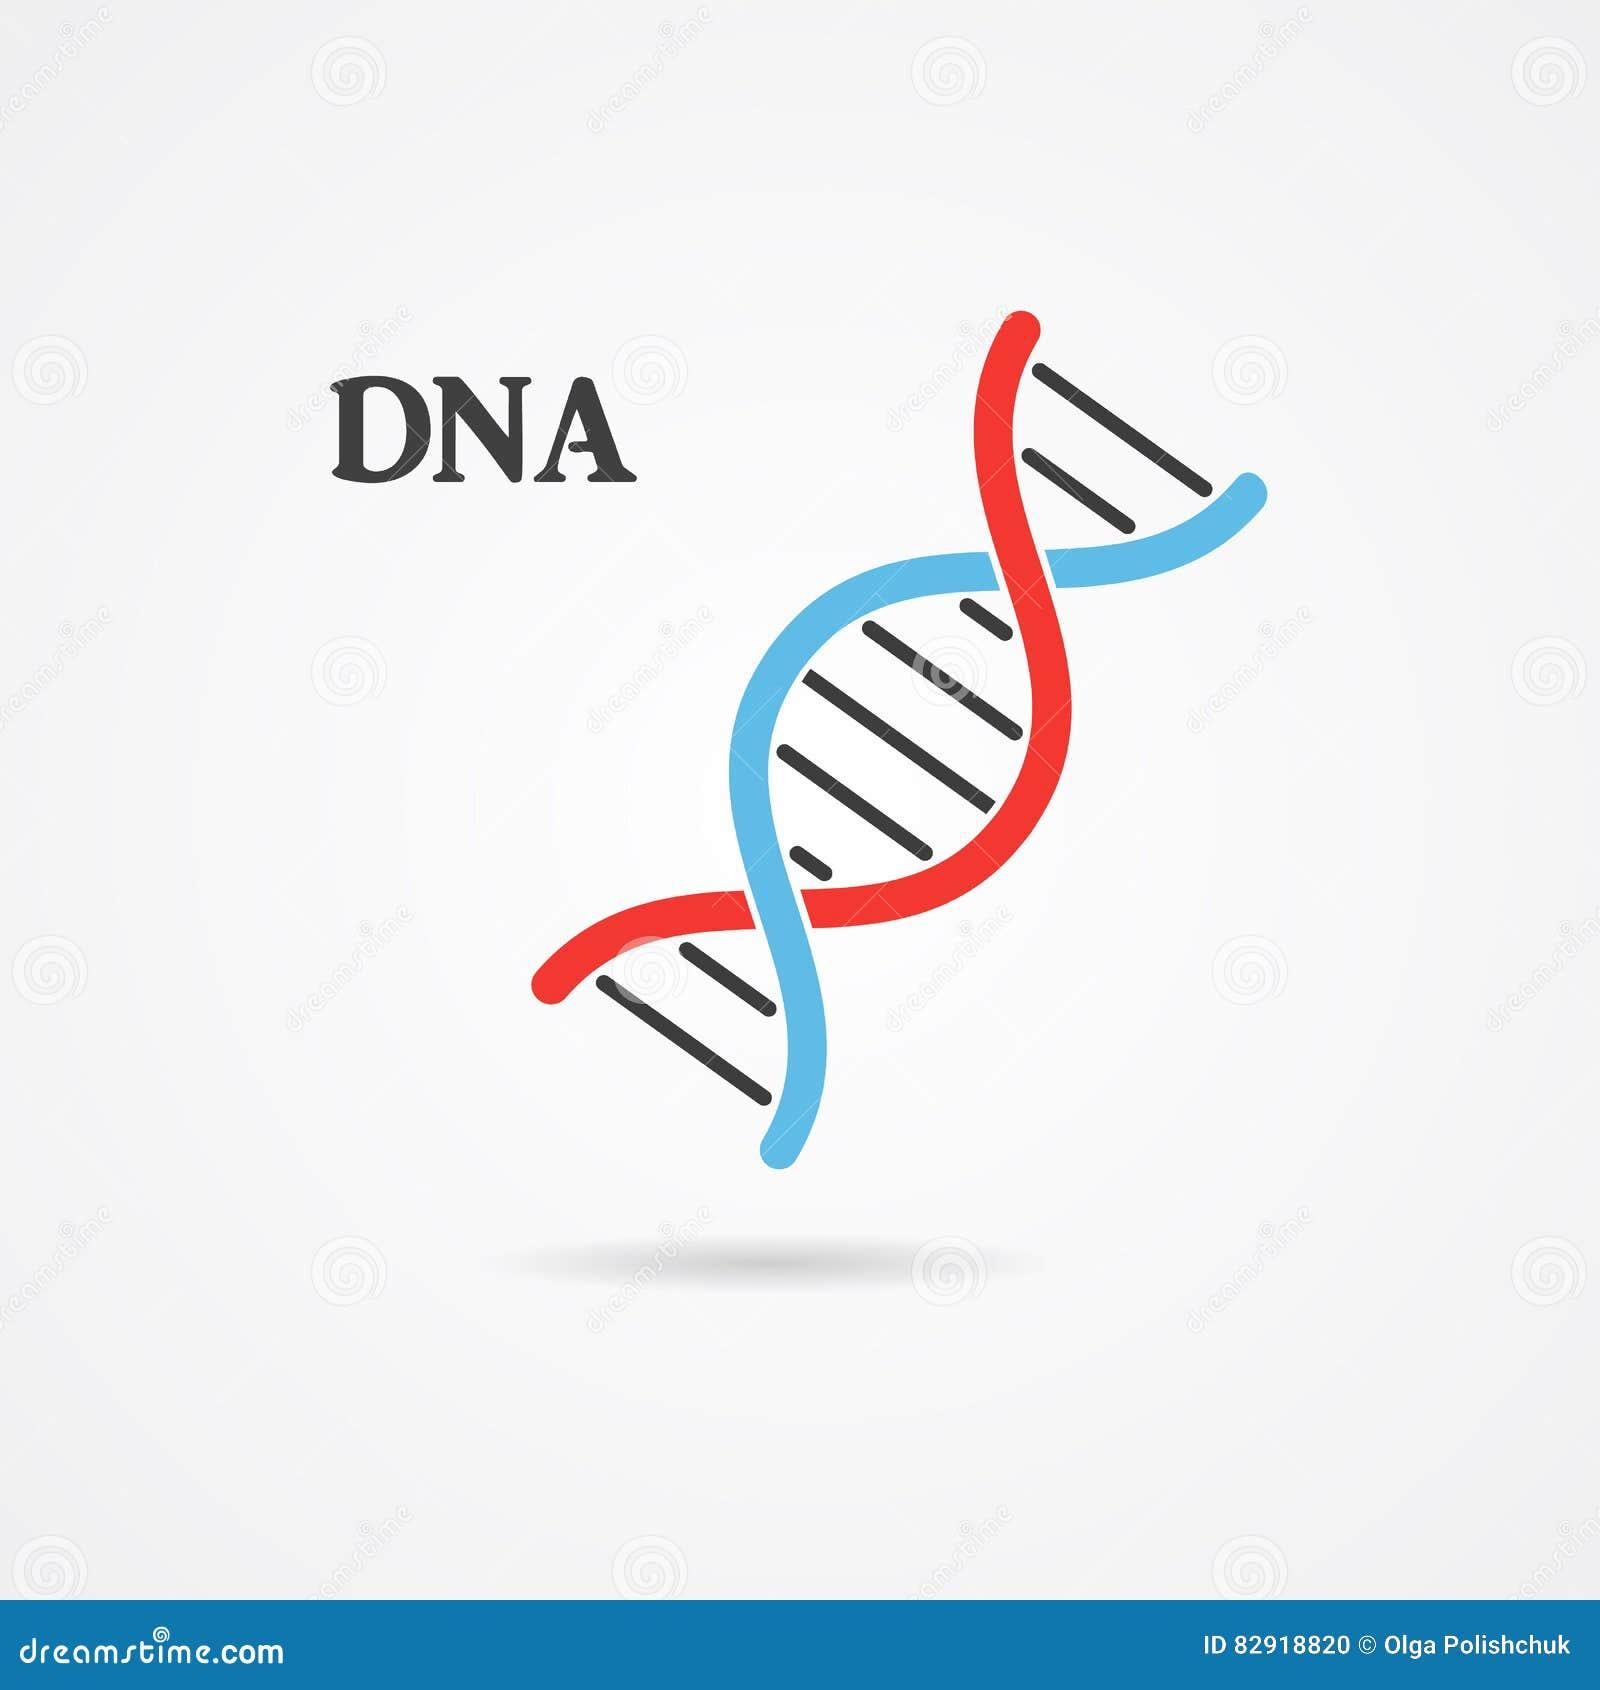 Logo design, abstract logo, DNA symbol